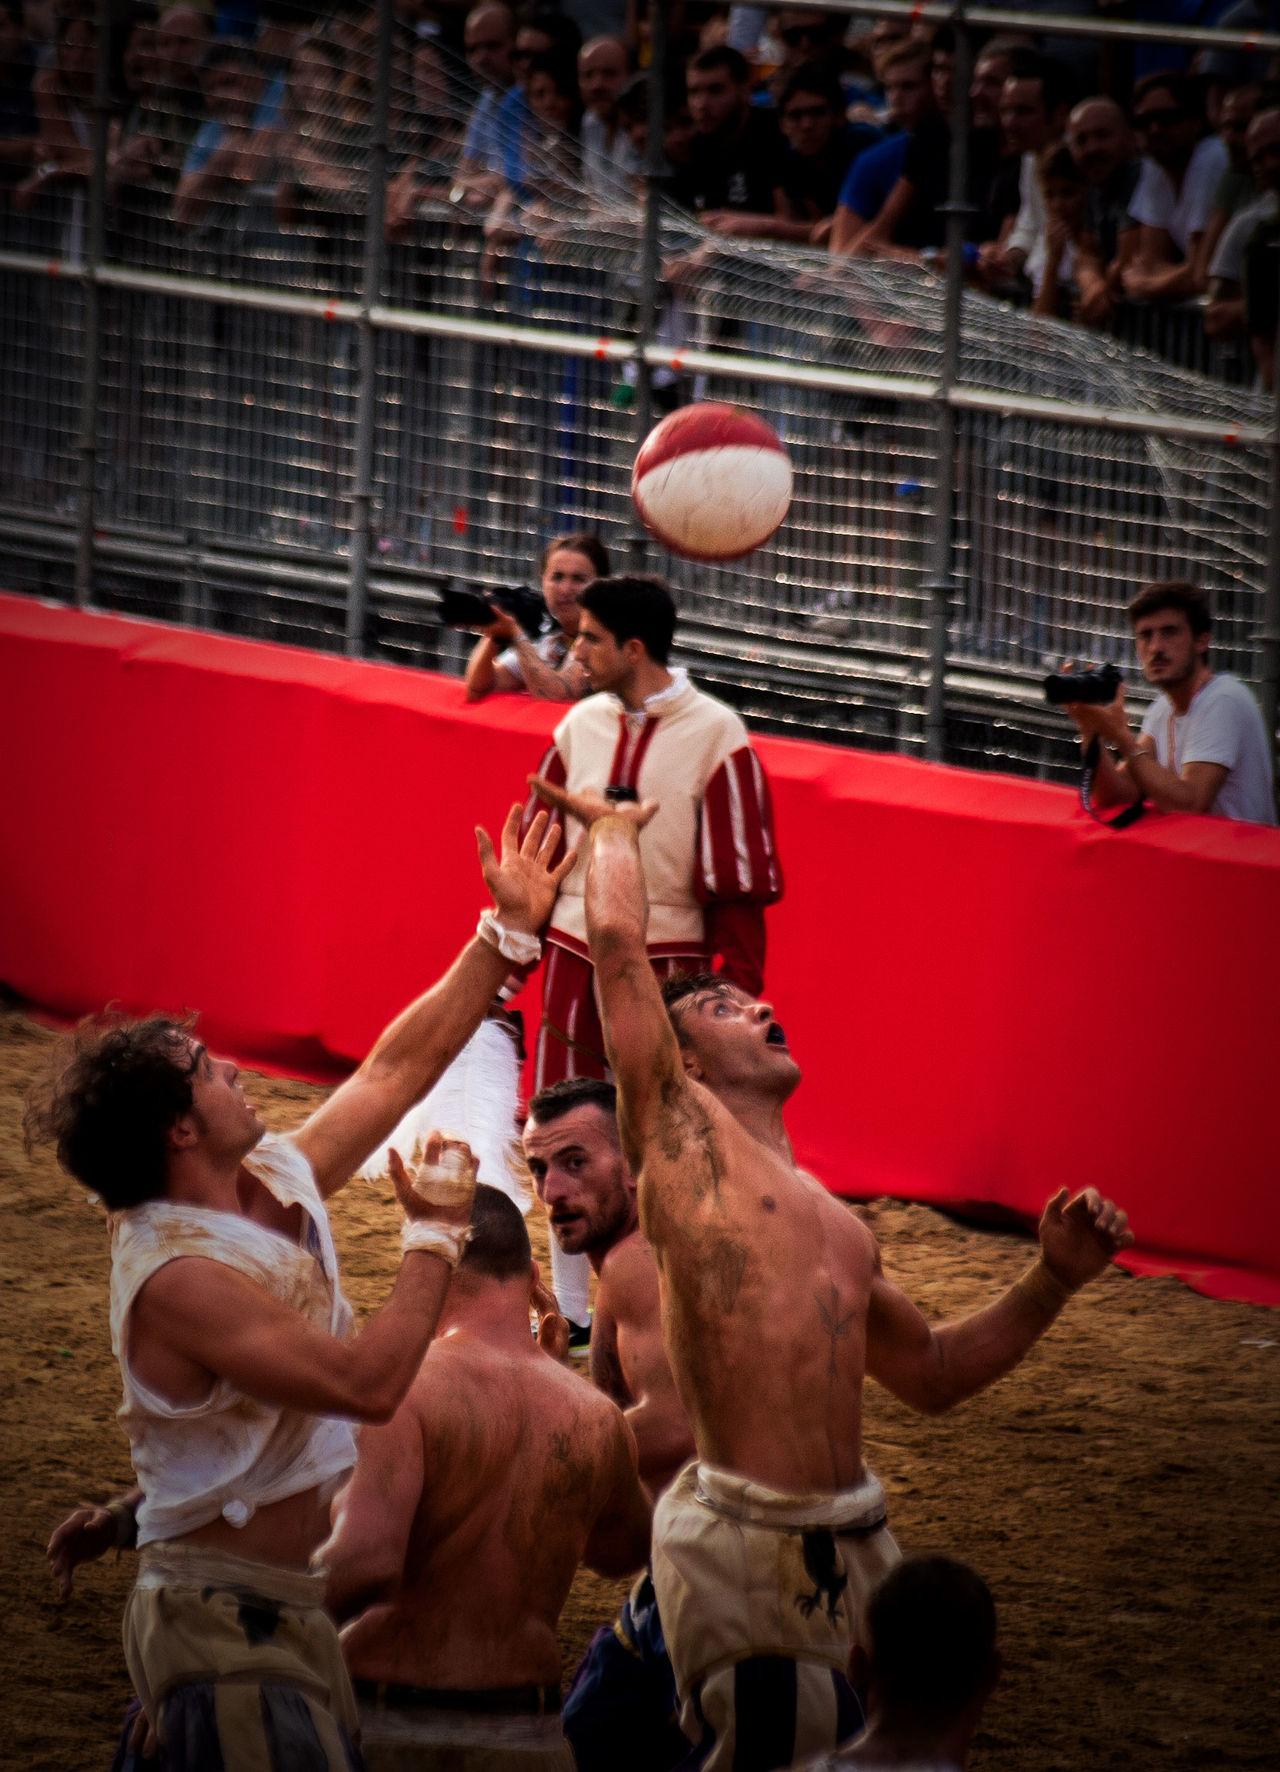 CalcioStorico Fiorentino Tradizione Appartenenza Viva Fiorenza Firenze Sport Men Nofear